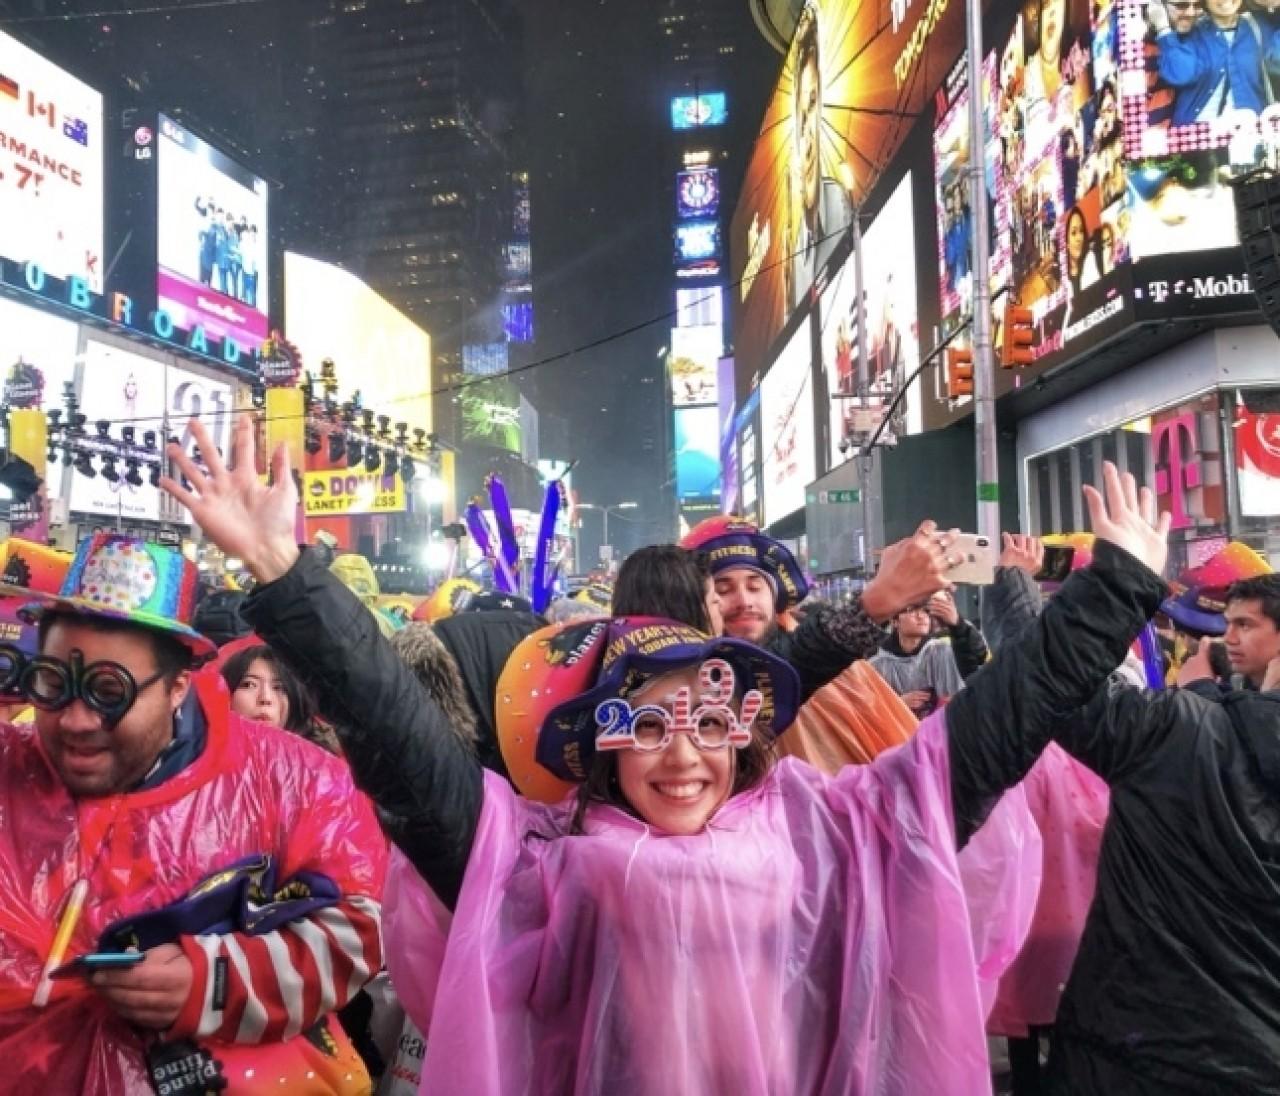 【NYレポ】Times Squareで念願の年越しカウントダウン2019!!!